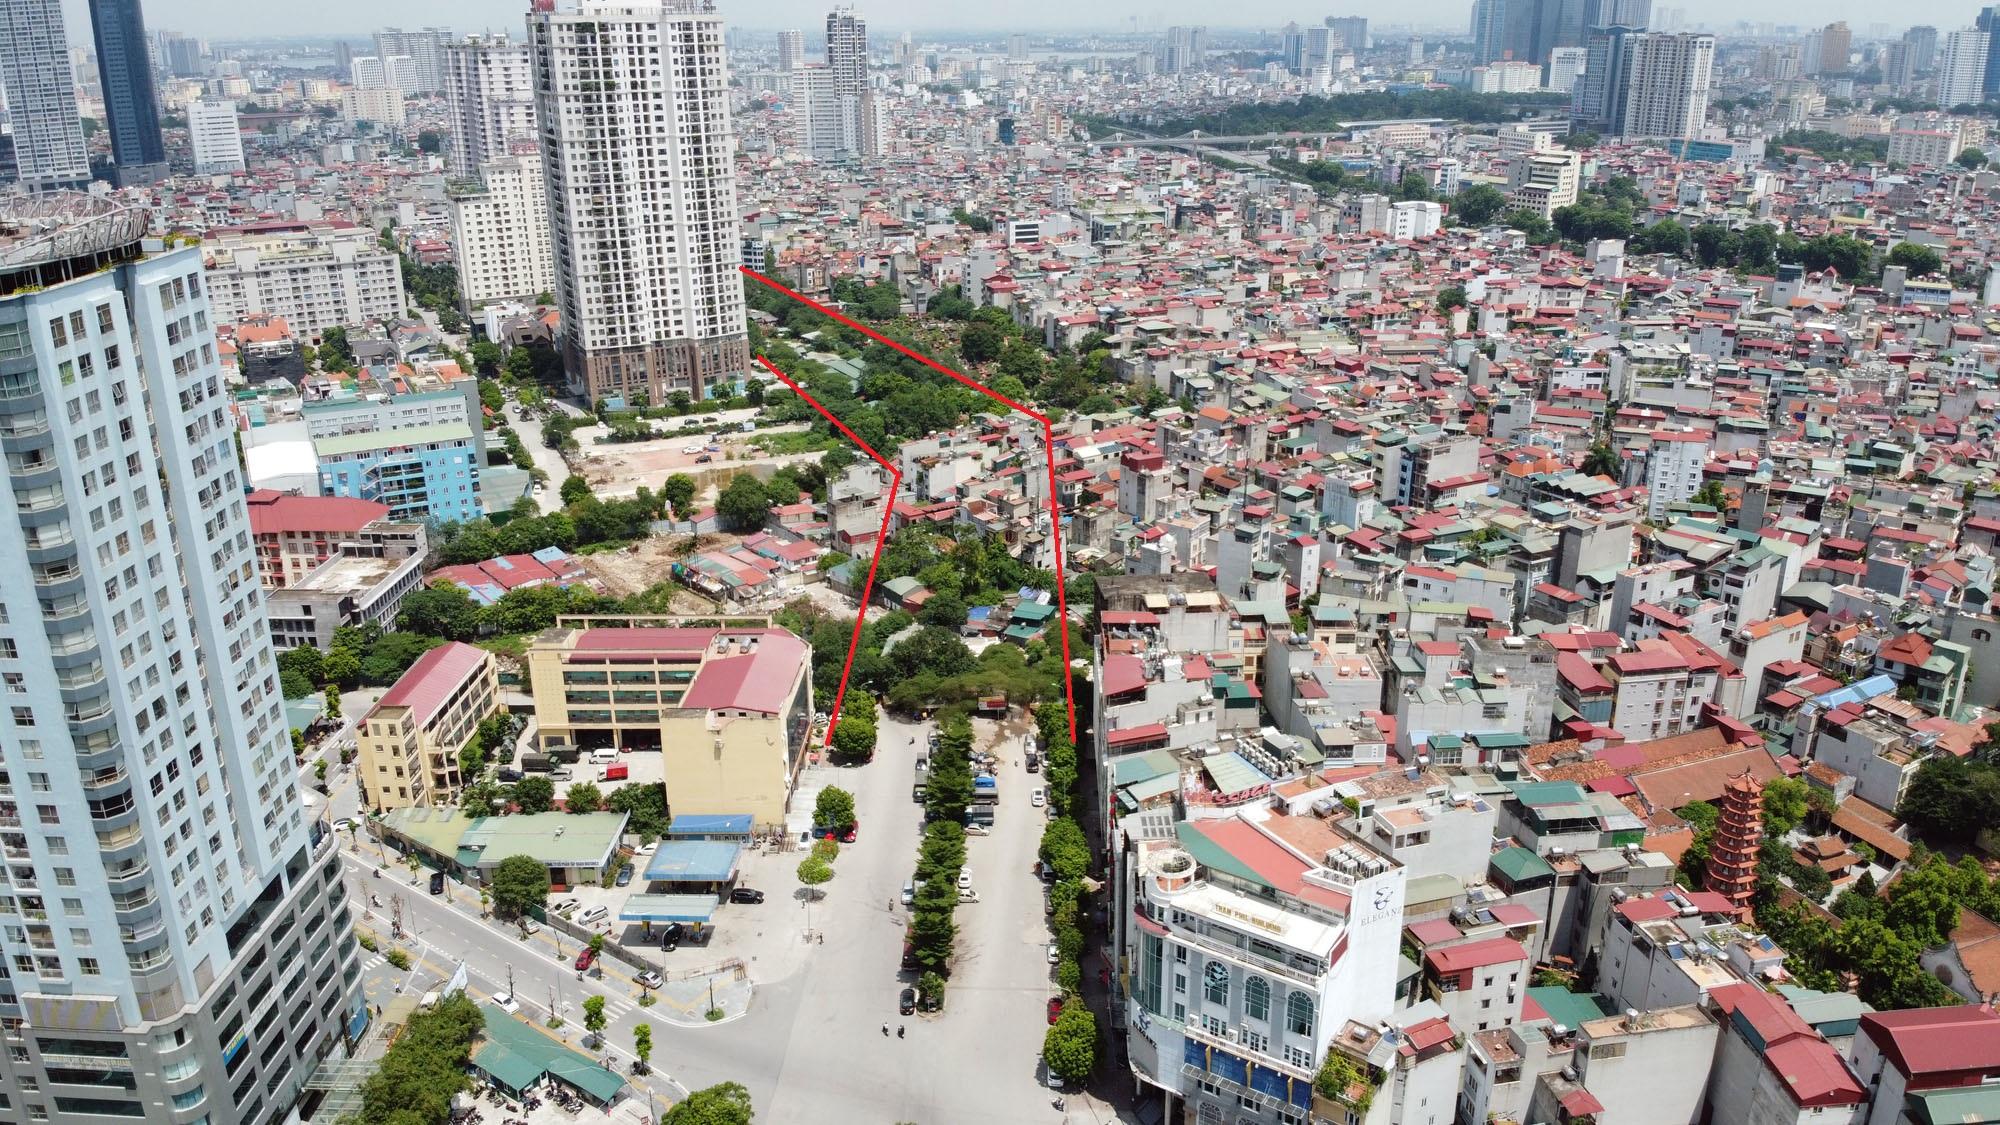 đường sẽ mở theo qui hoạch ở phường Yên Hòa, Cầu Giấy, Hà Nội - Ảnh 3.